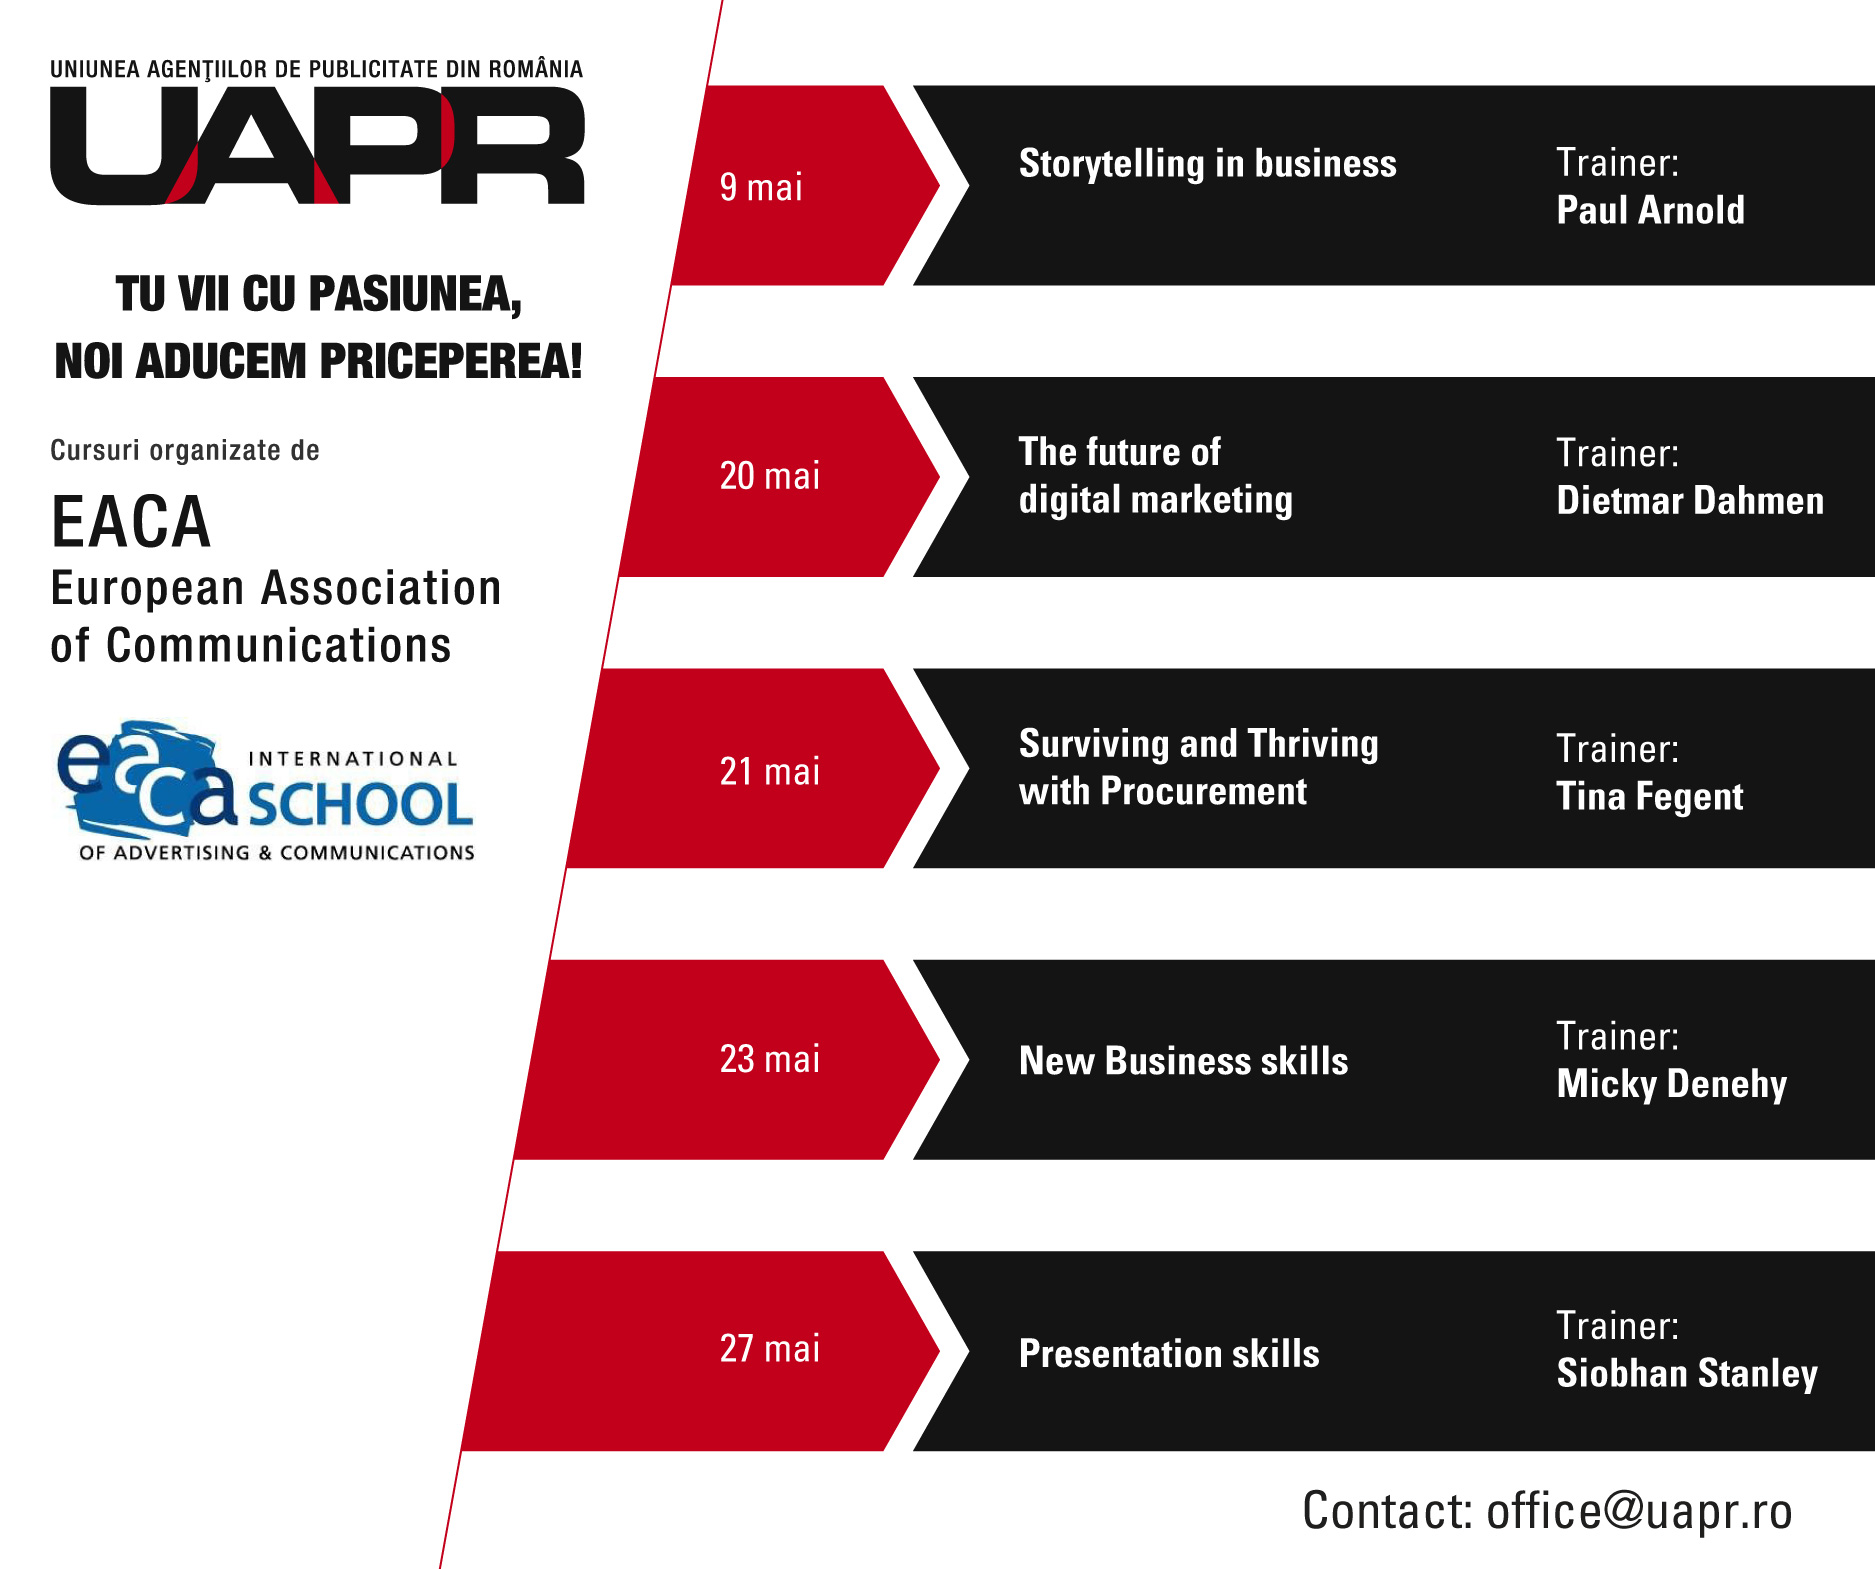 UAPR şi EACA organizează cursuri pentru cei care lucrează sau vor să lucreze în publicitate